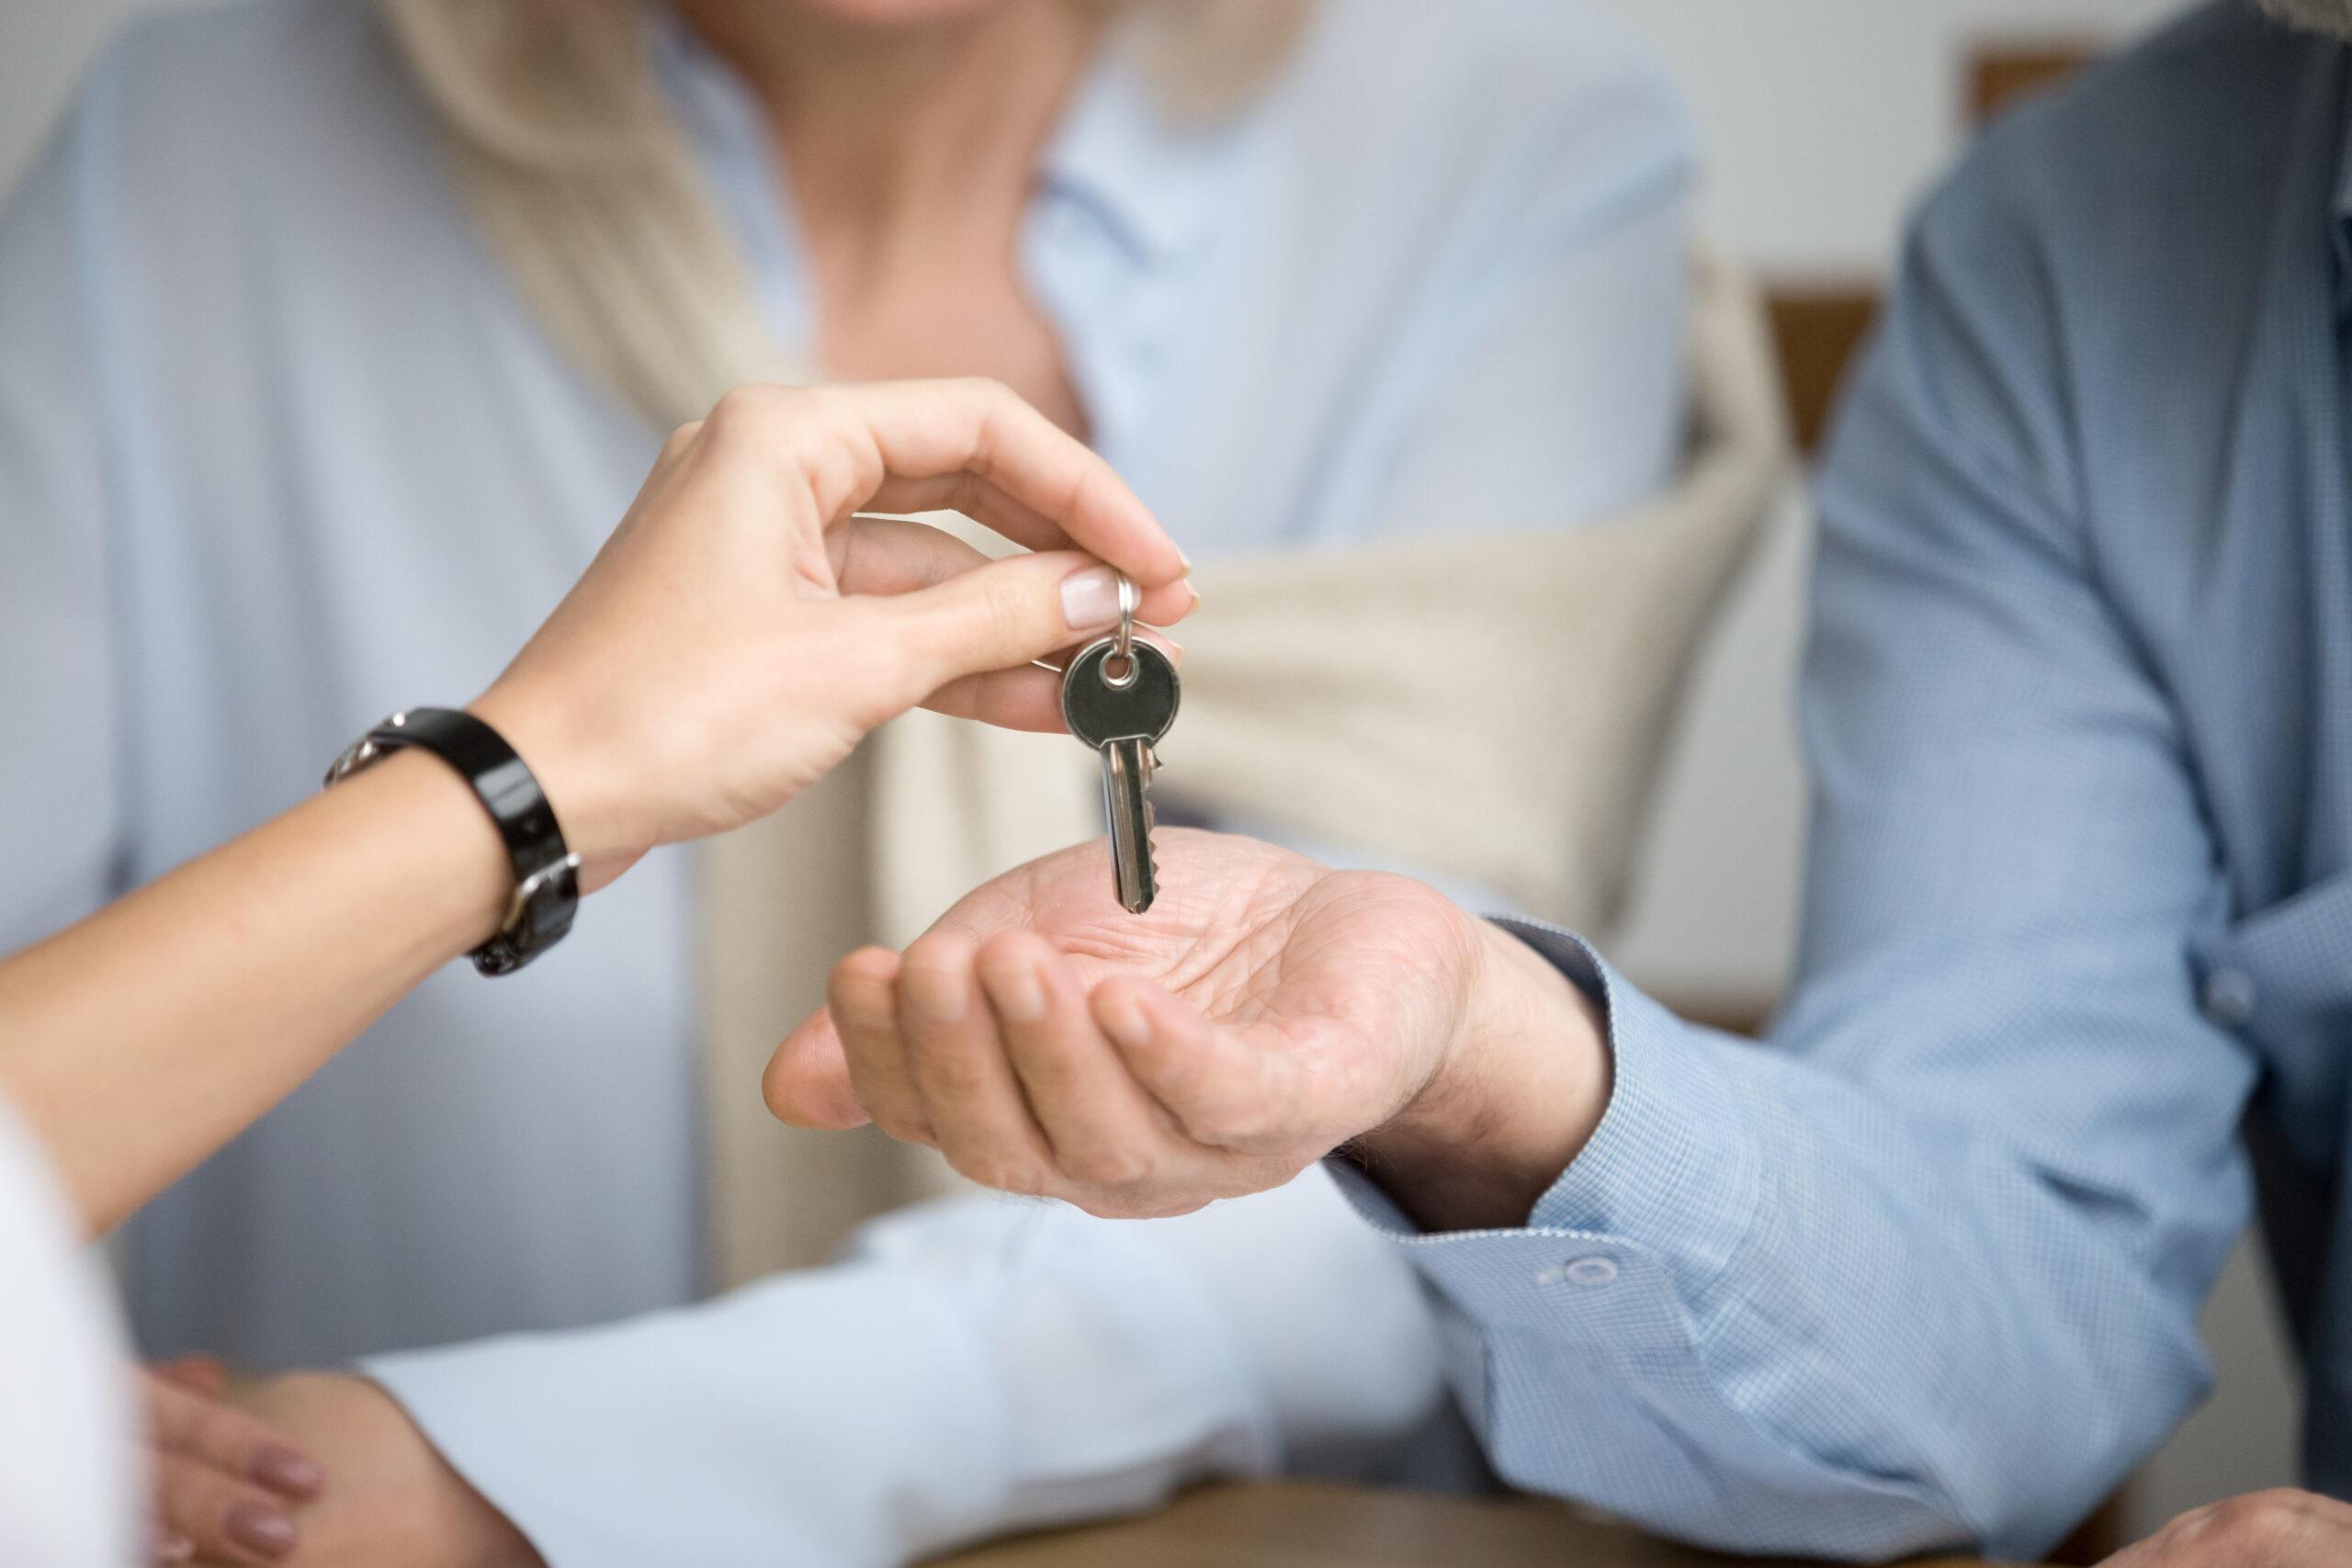 相続税の配偶者控除 夫婦間でオーナーチェンジする注意点